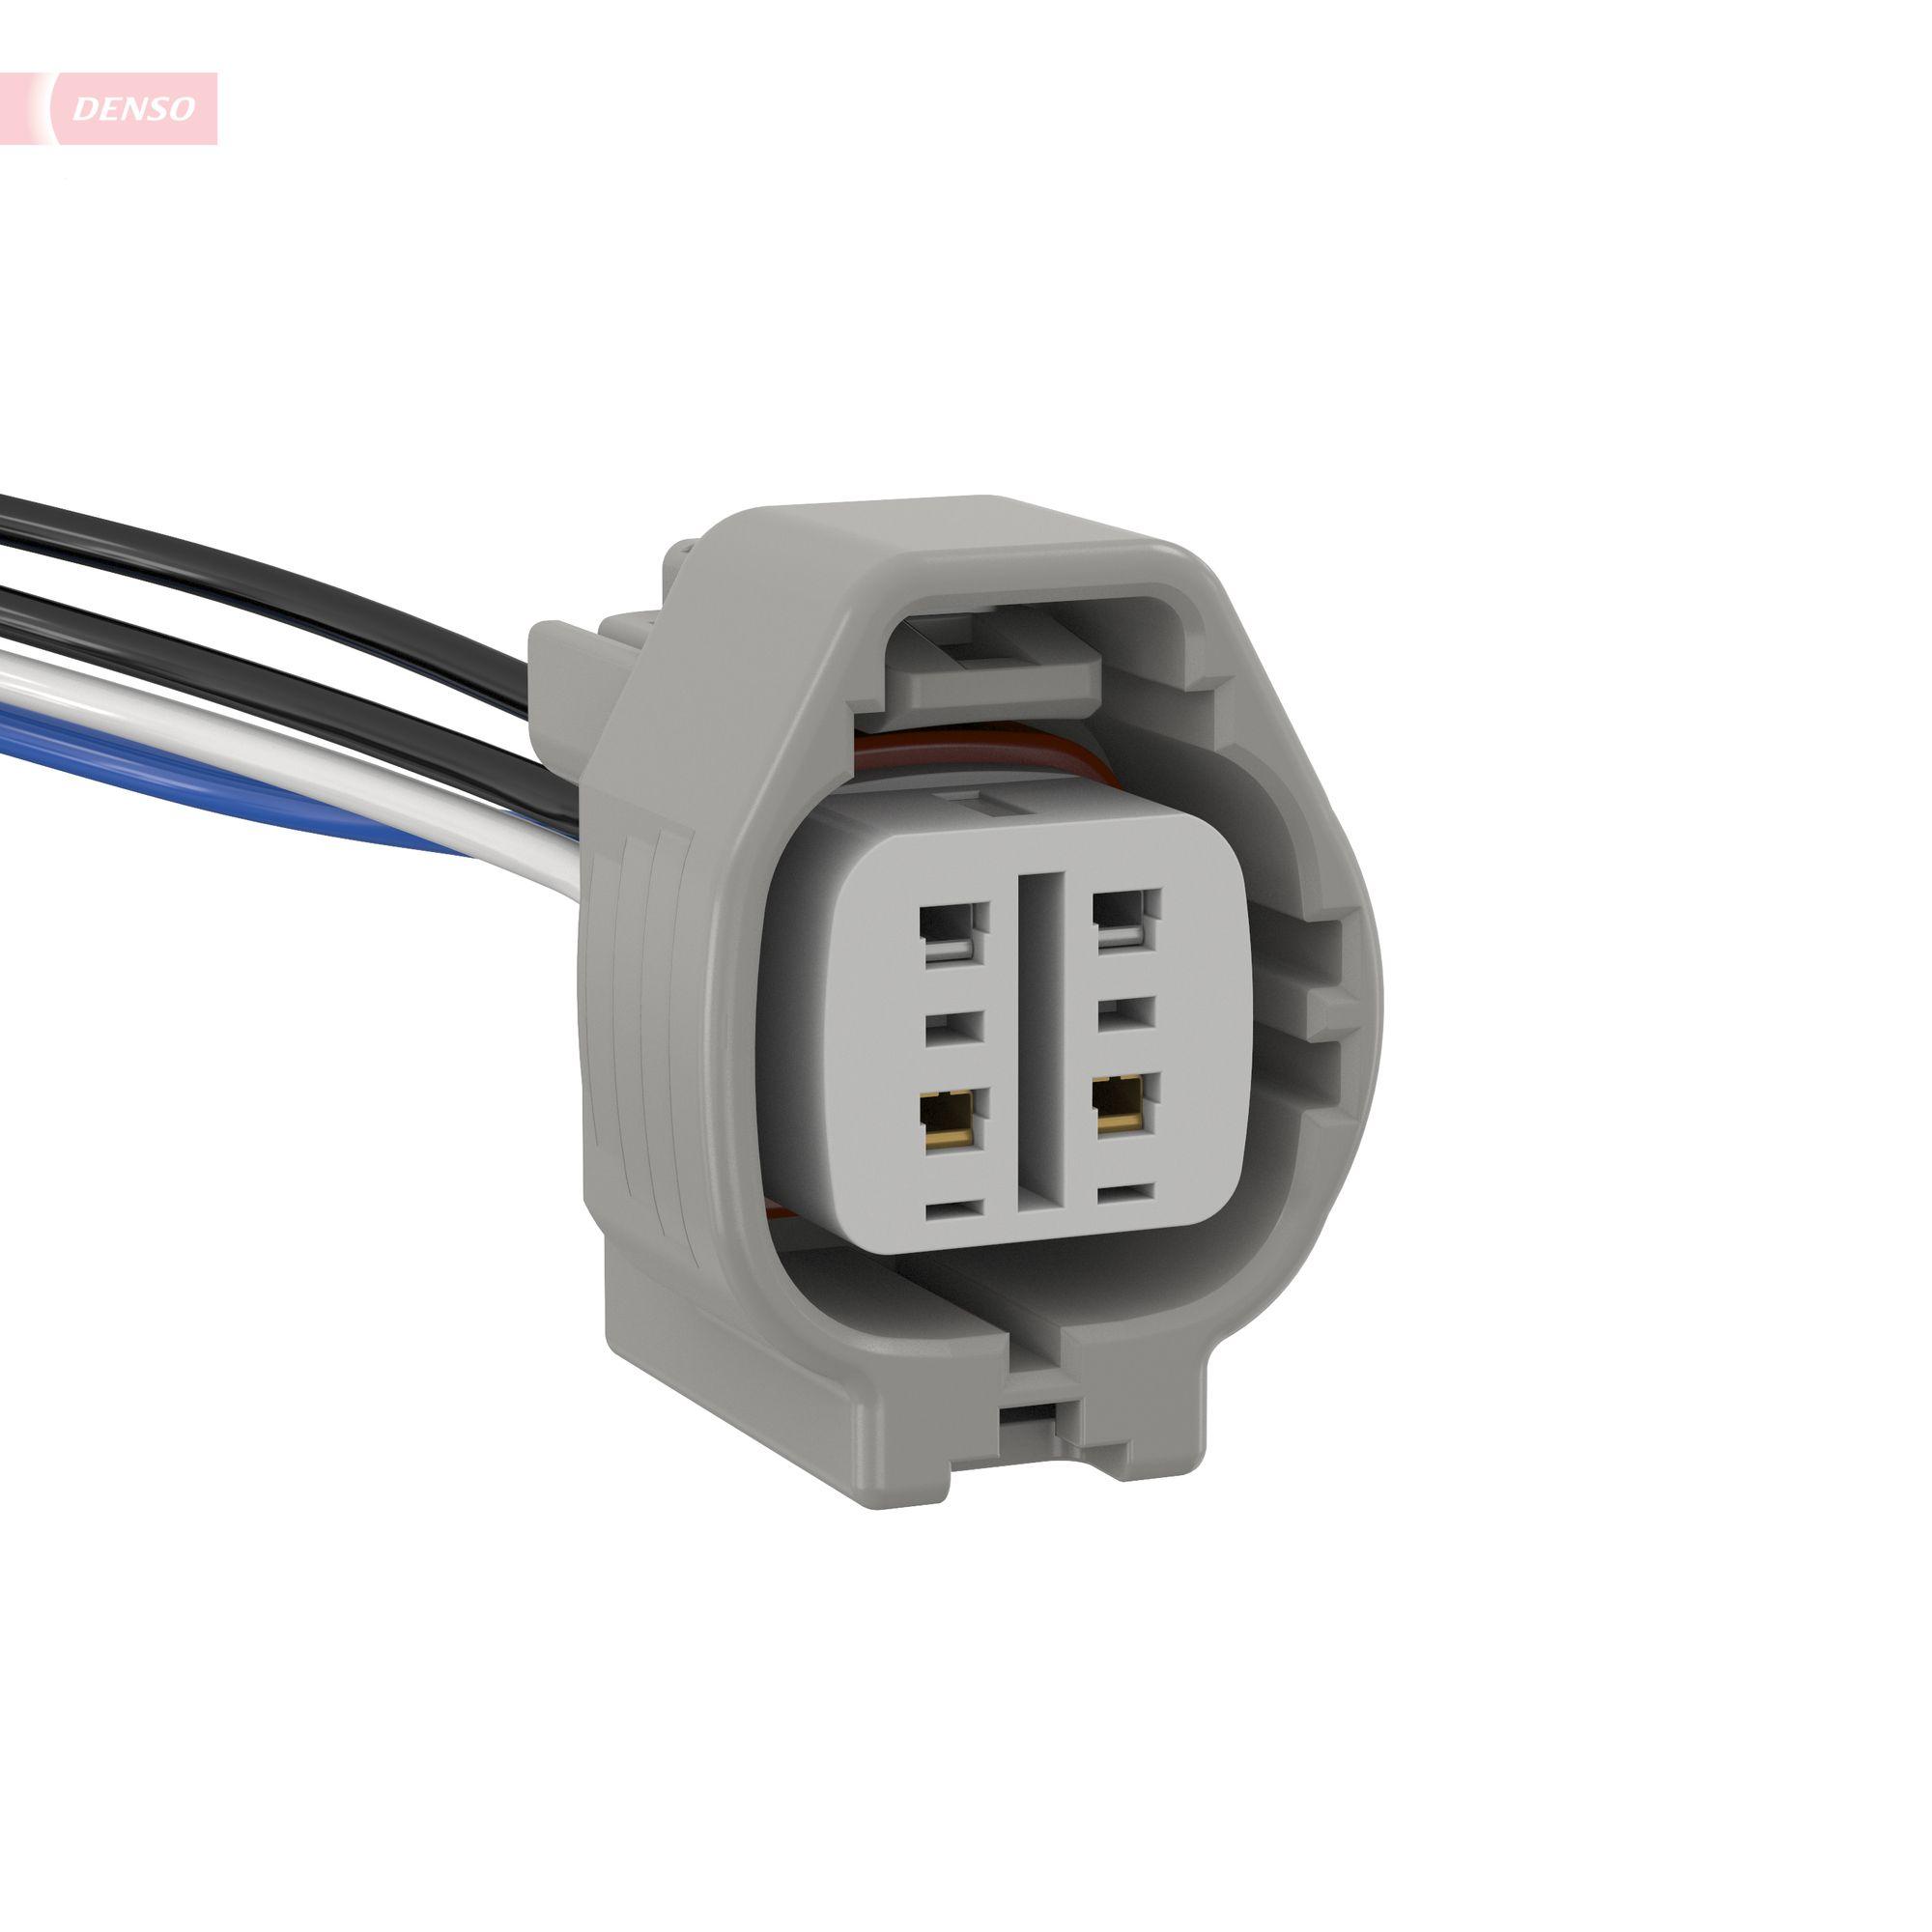 Lambda Sensor DOX-0430 from DENSO